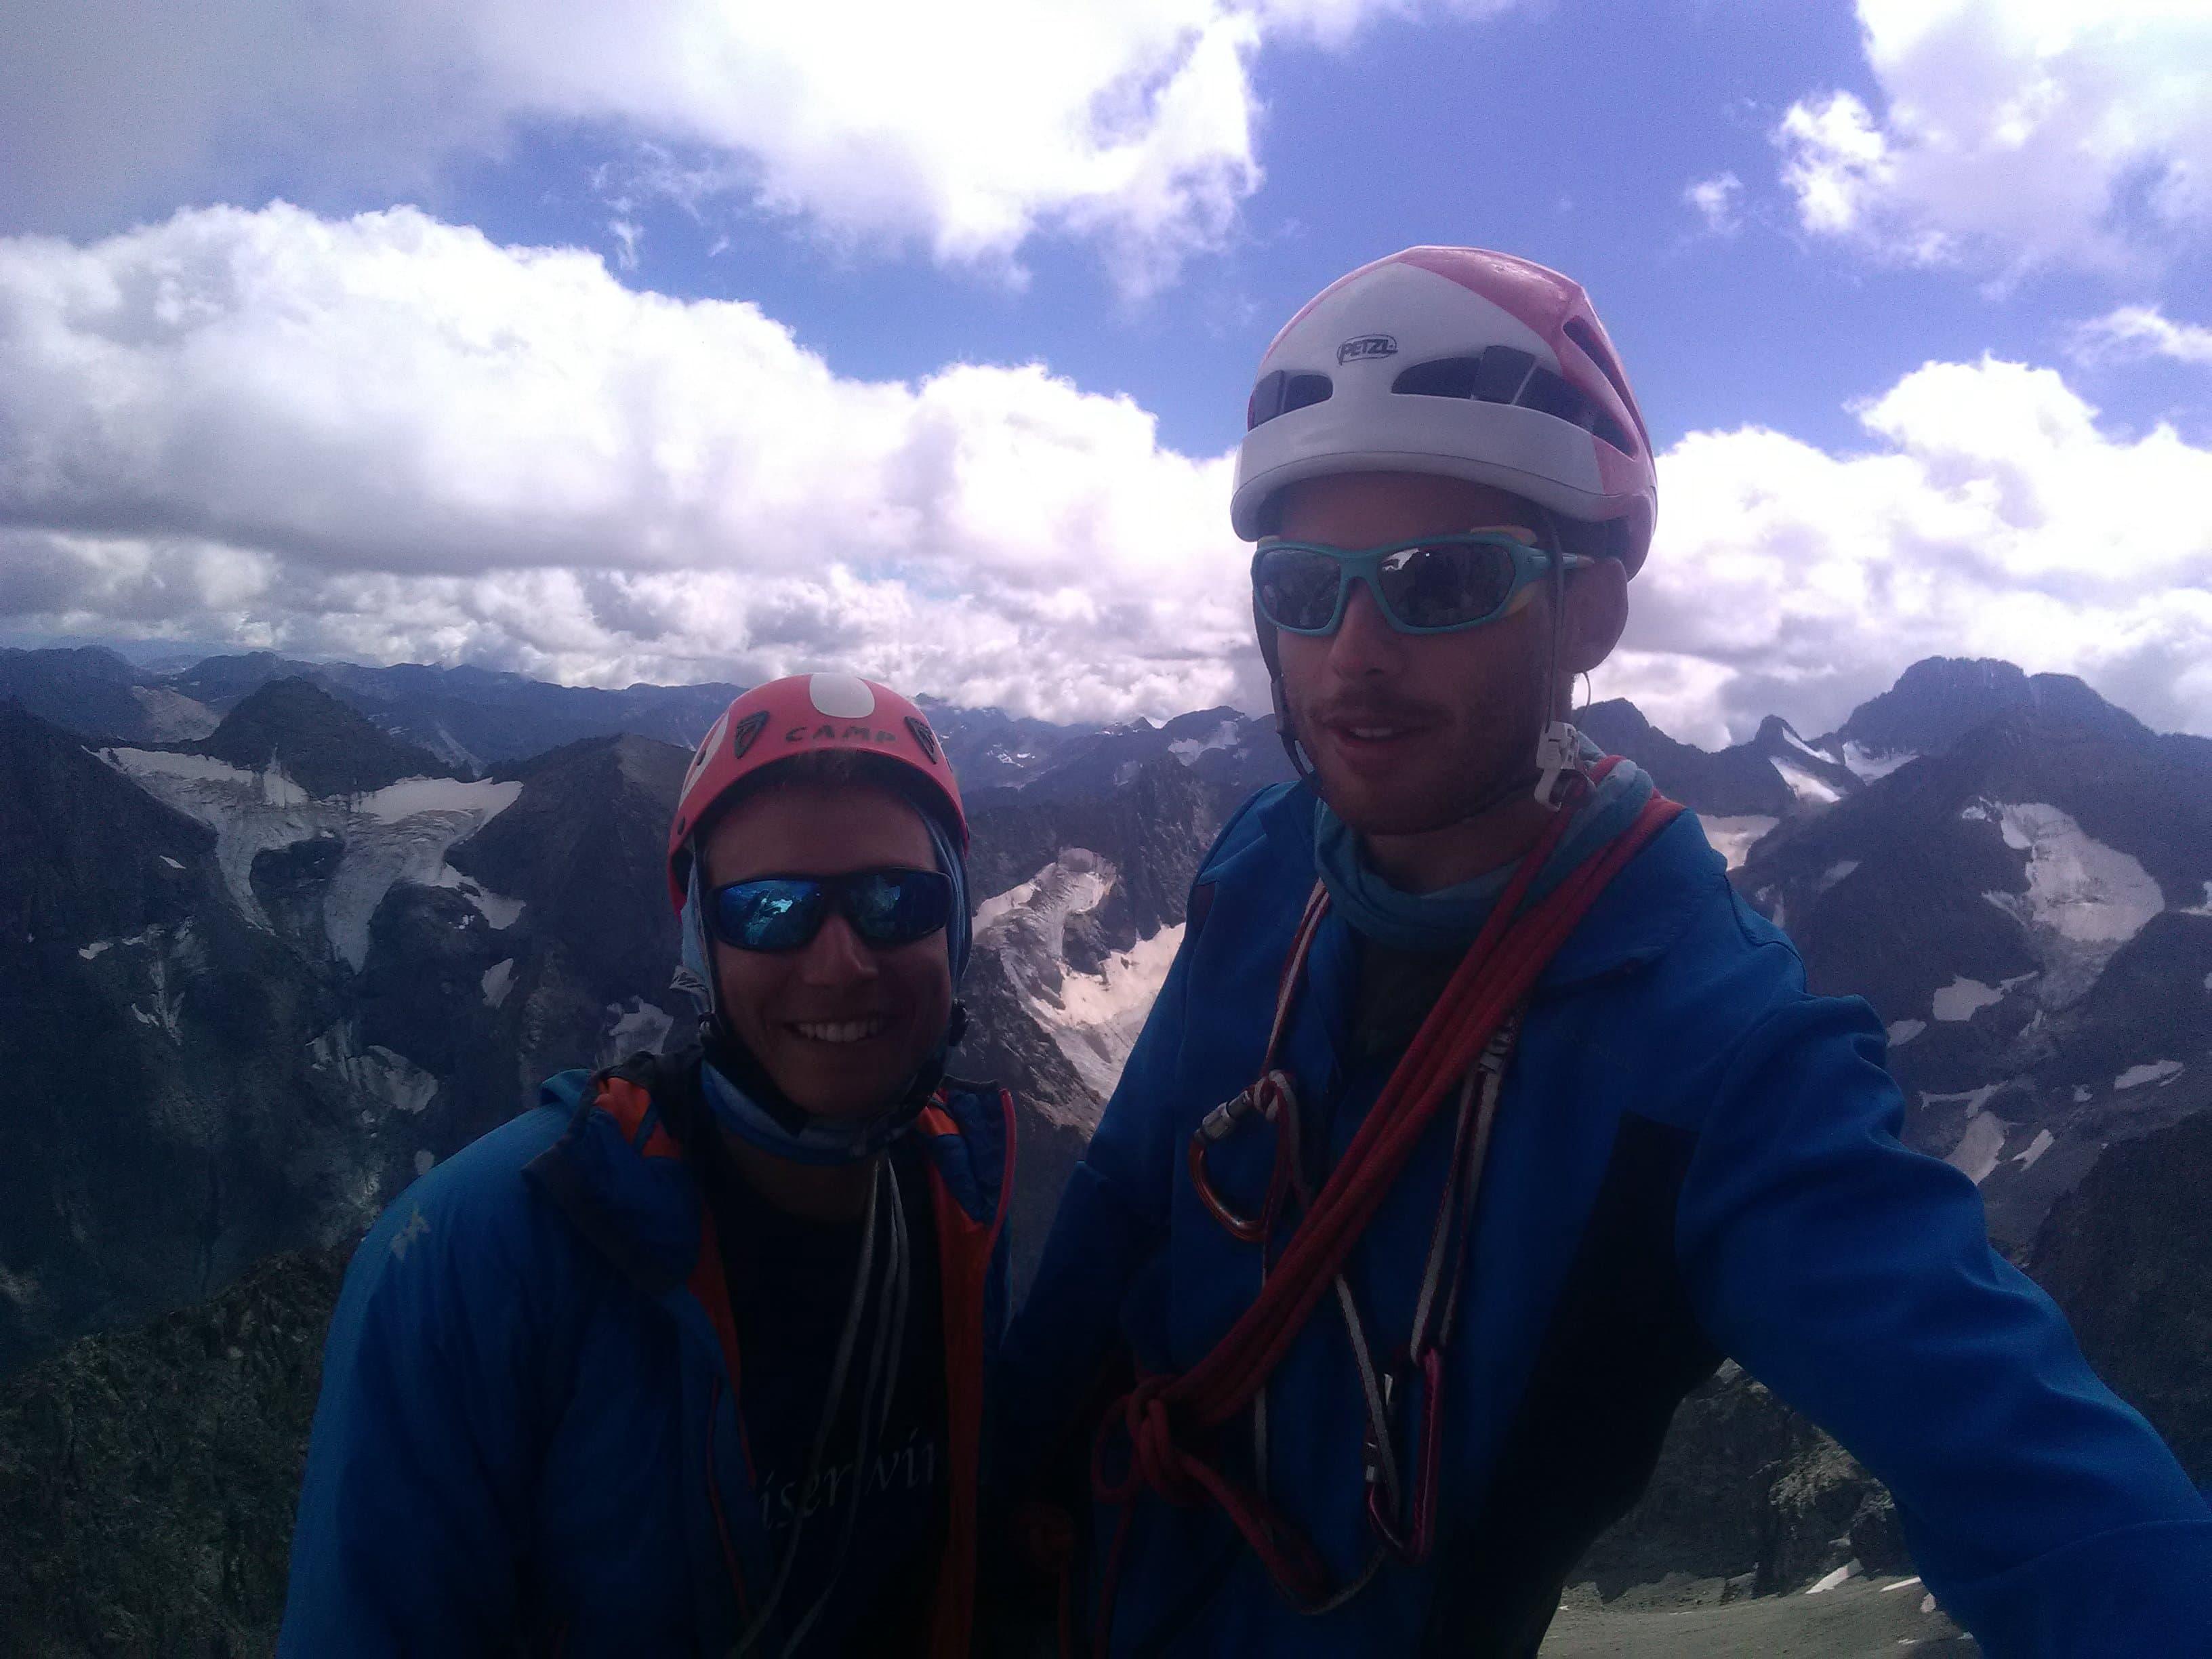 Sortie Alpinisme Aout 2018